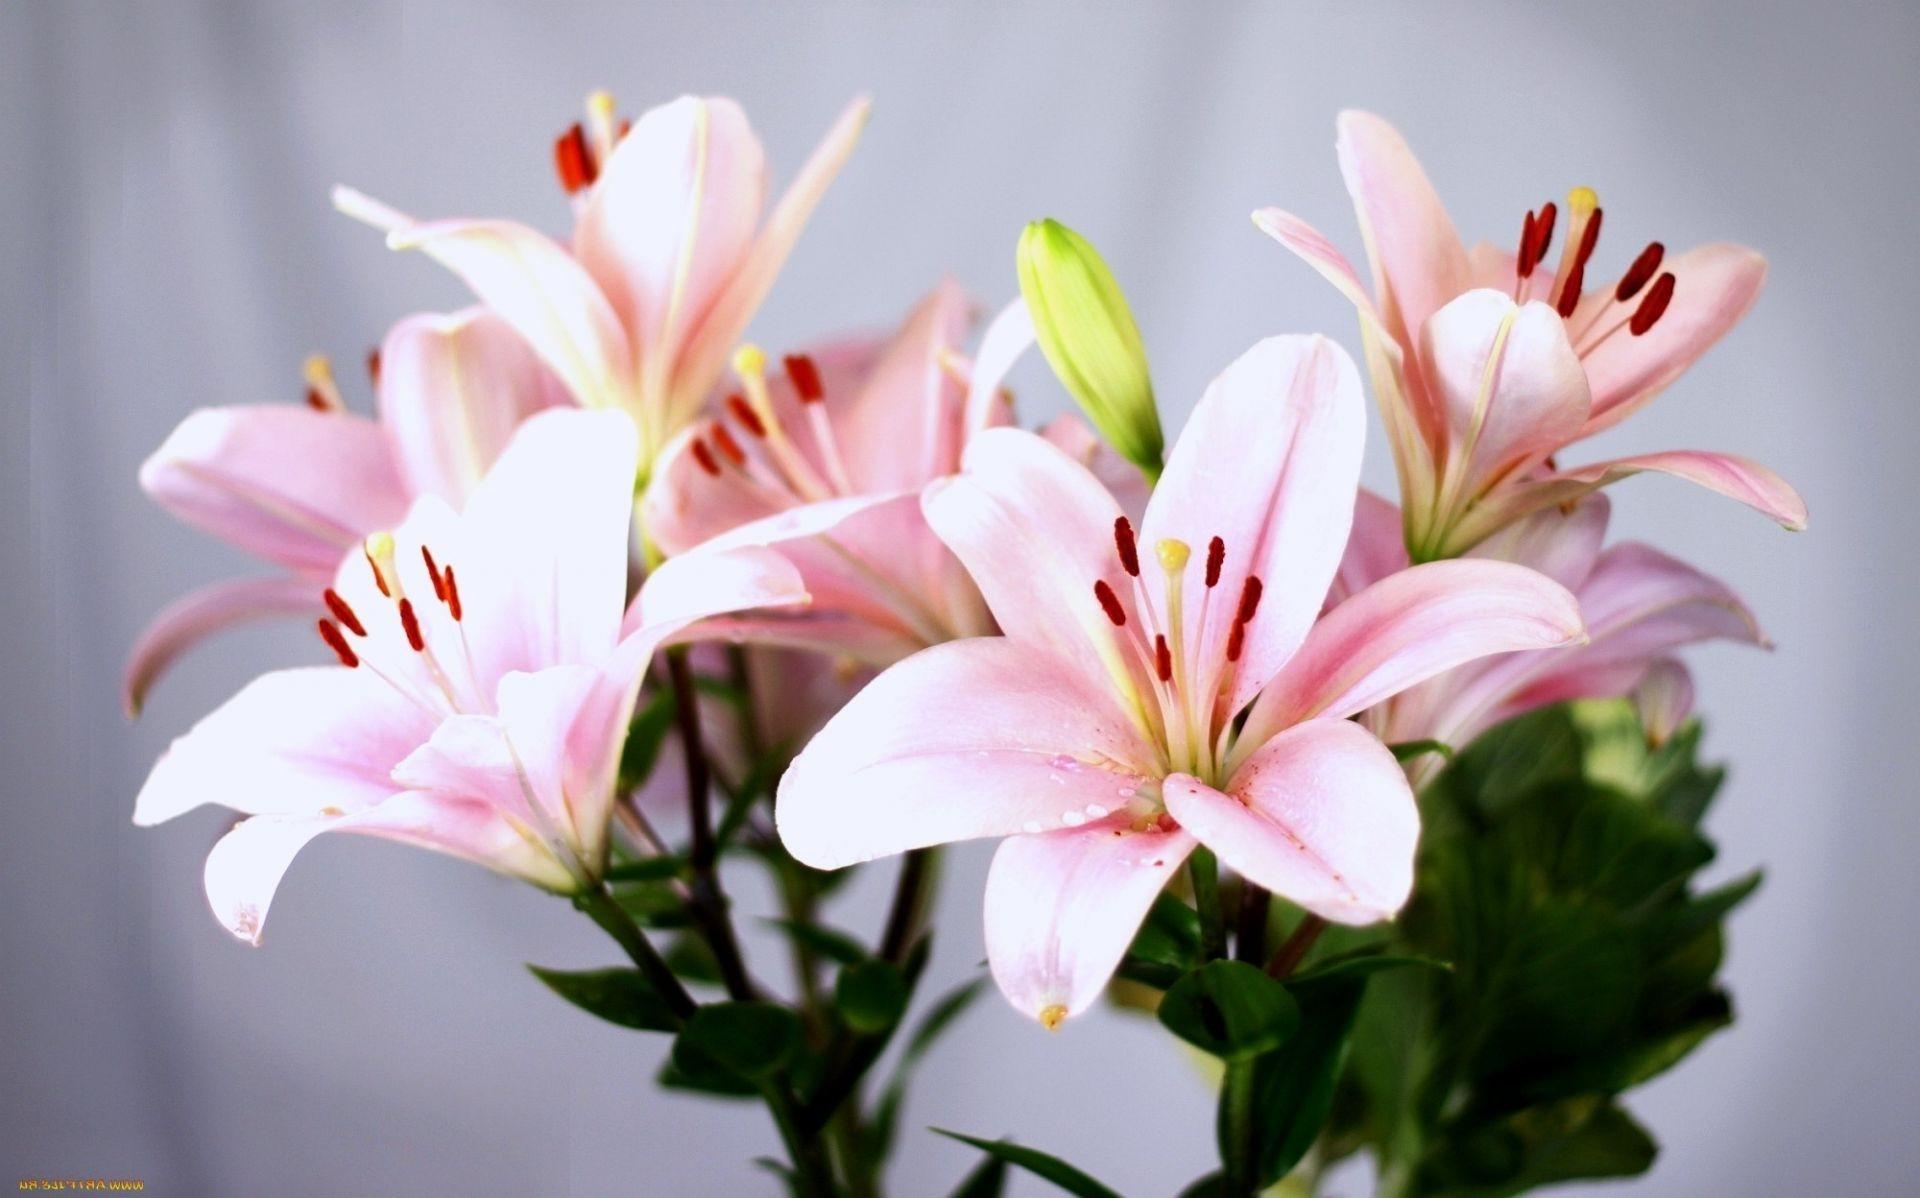 Цветы лилии лилейники скачать обои